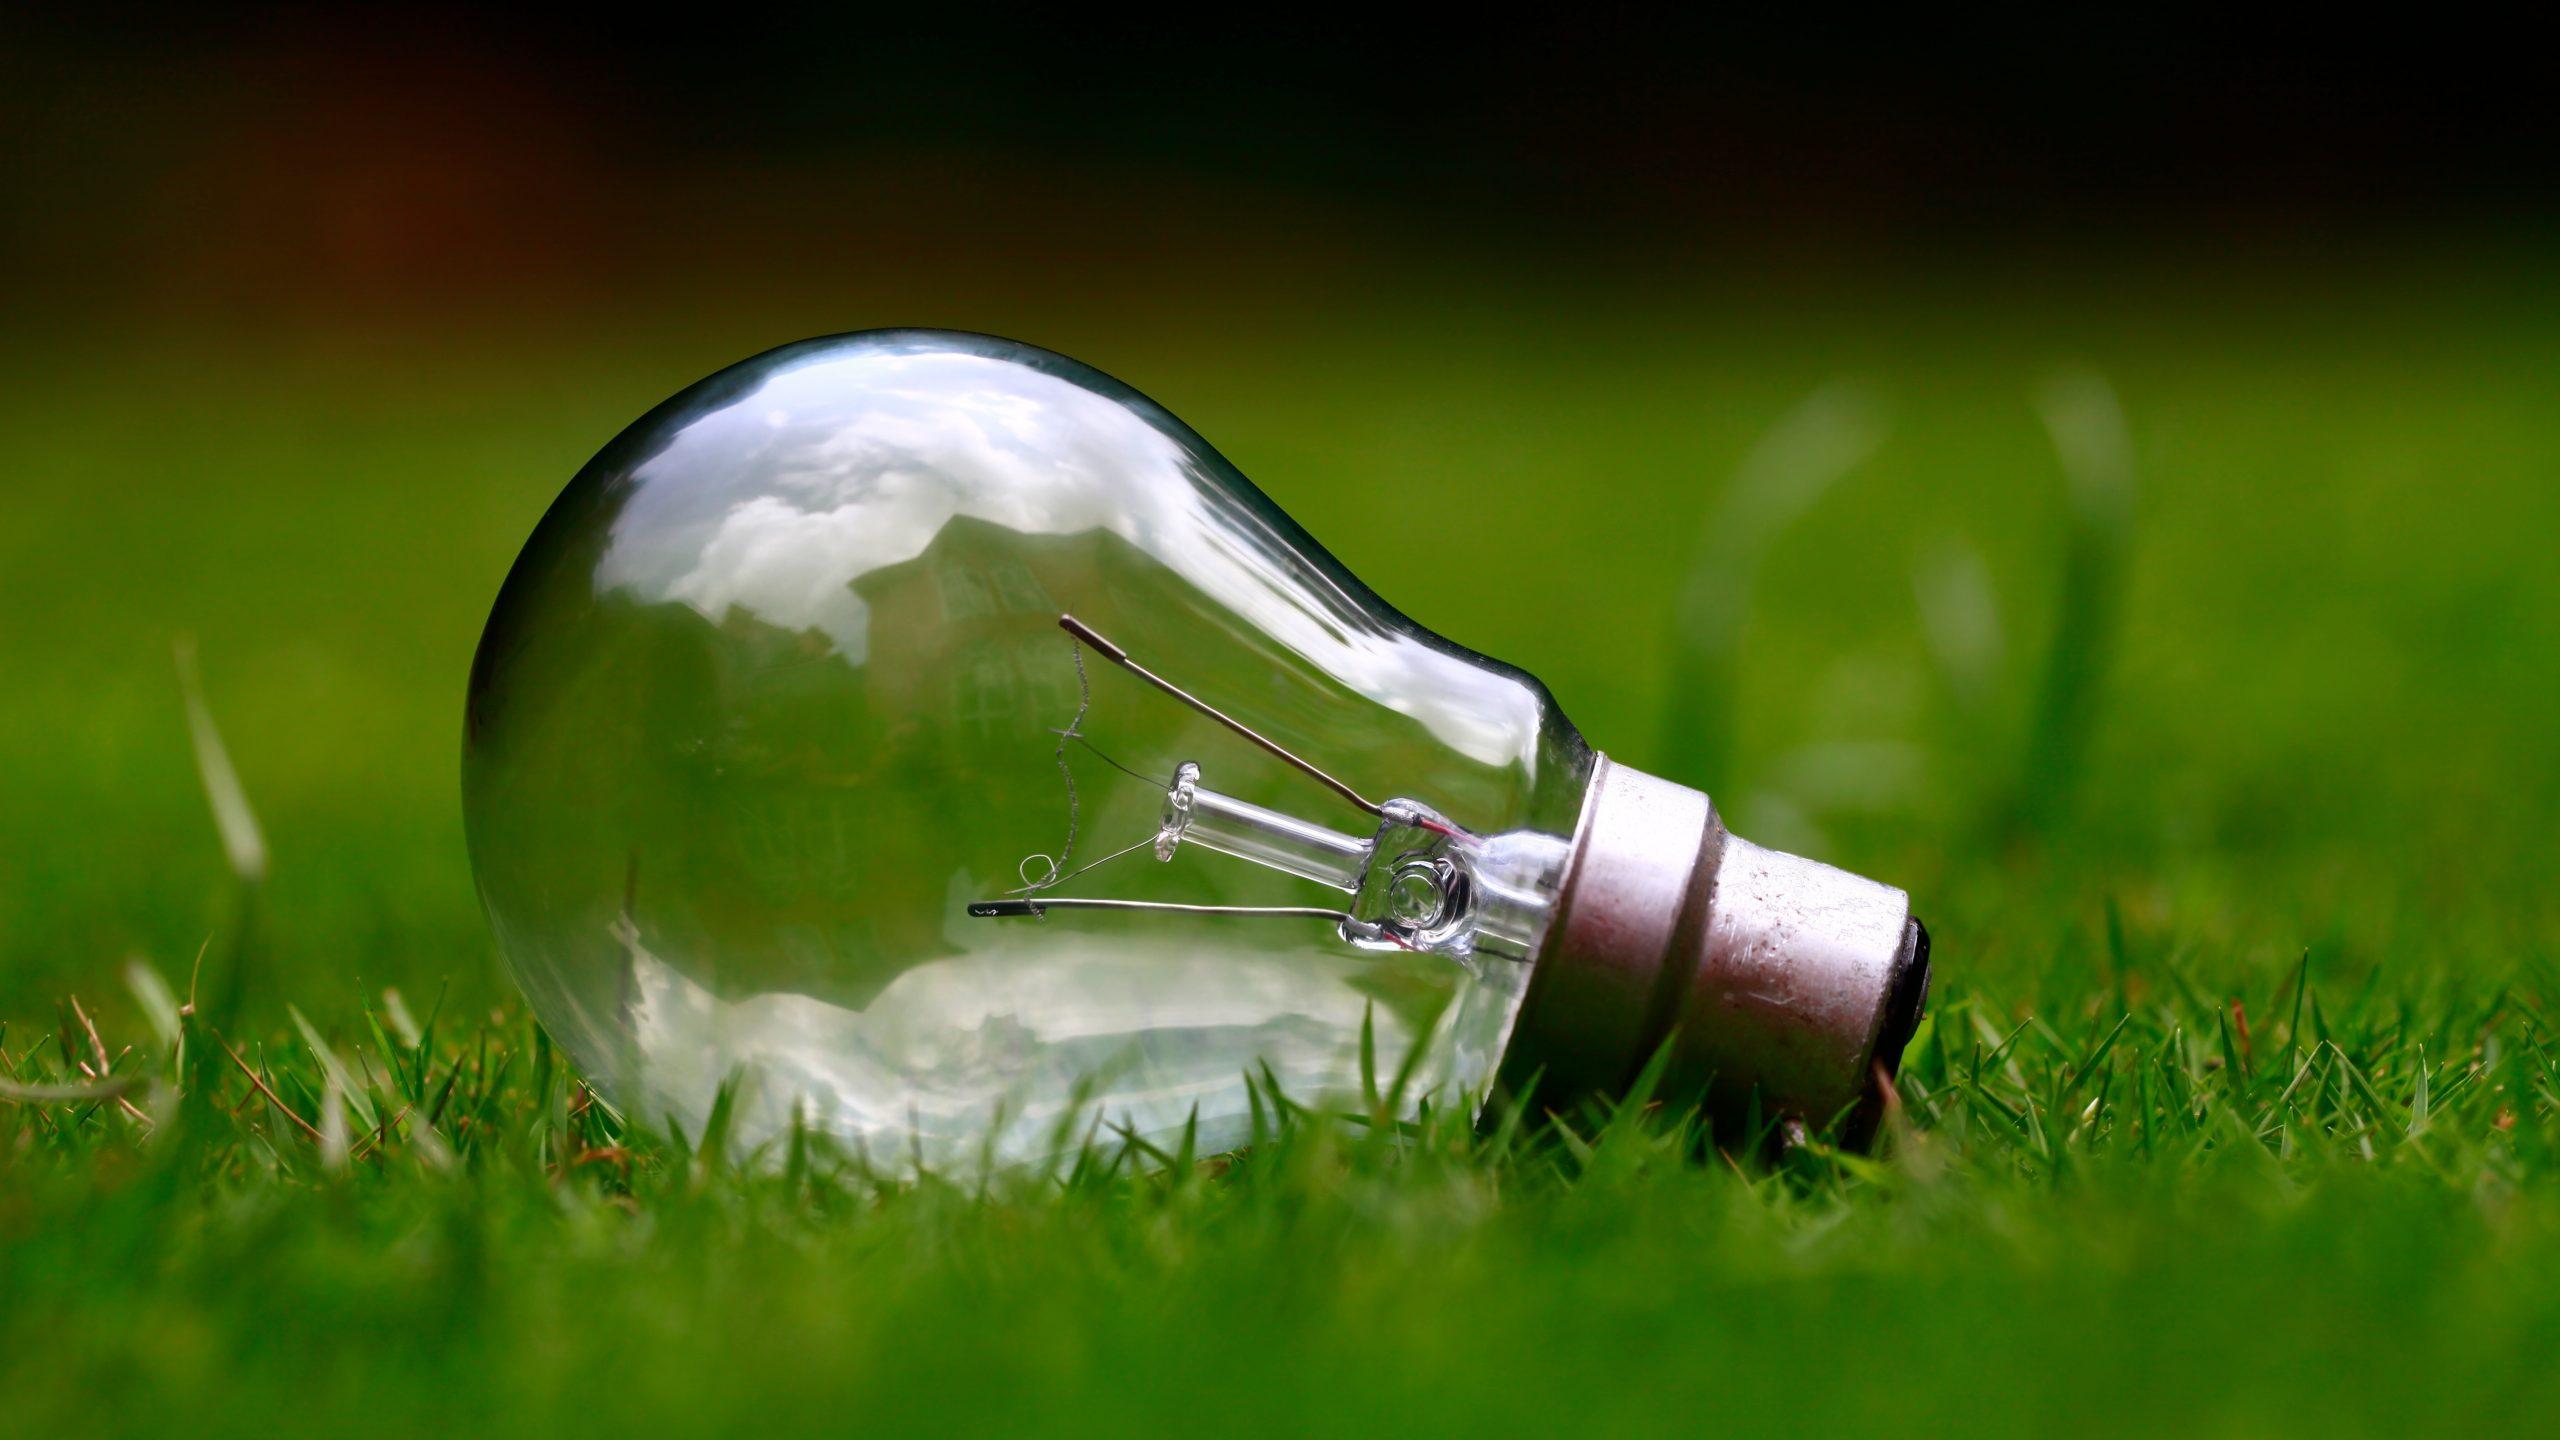 VYZVĚTE POLITIKY, ABY PODPOŘILI ZELENOU ENERGII